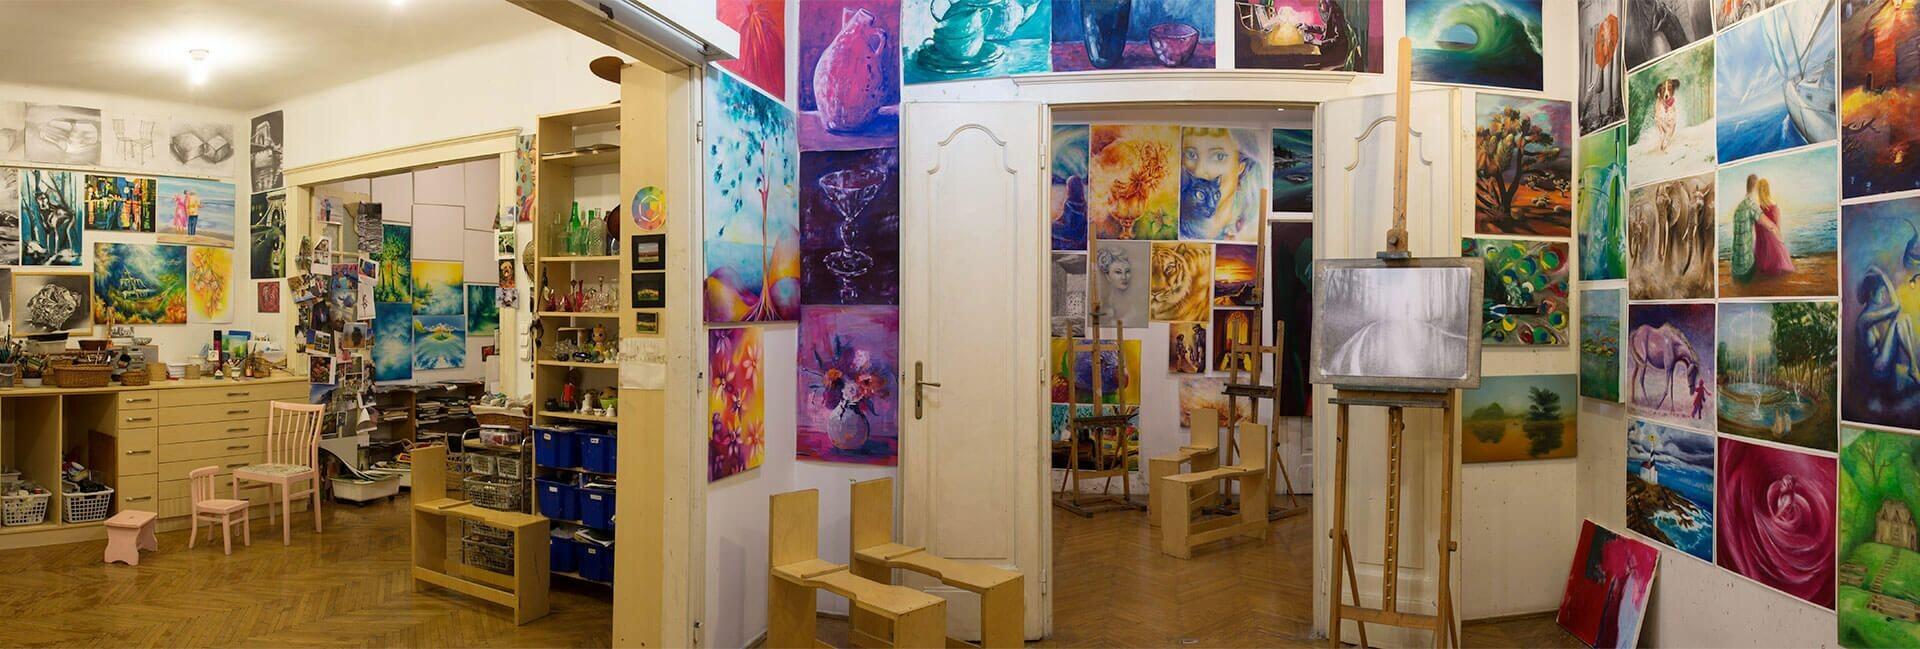 Városligeti Nyitott Műterem